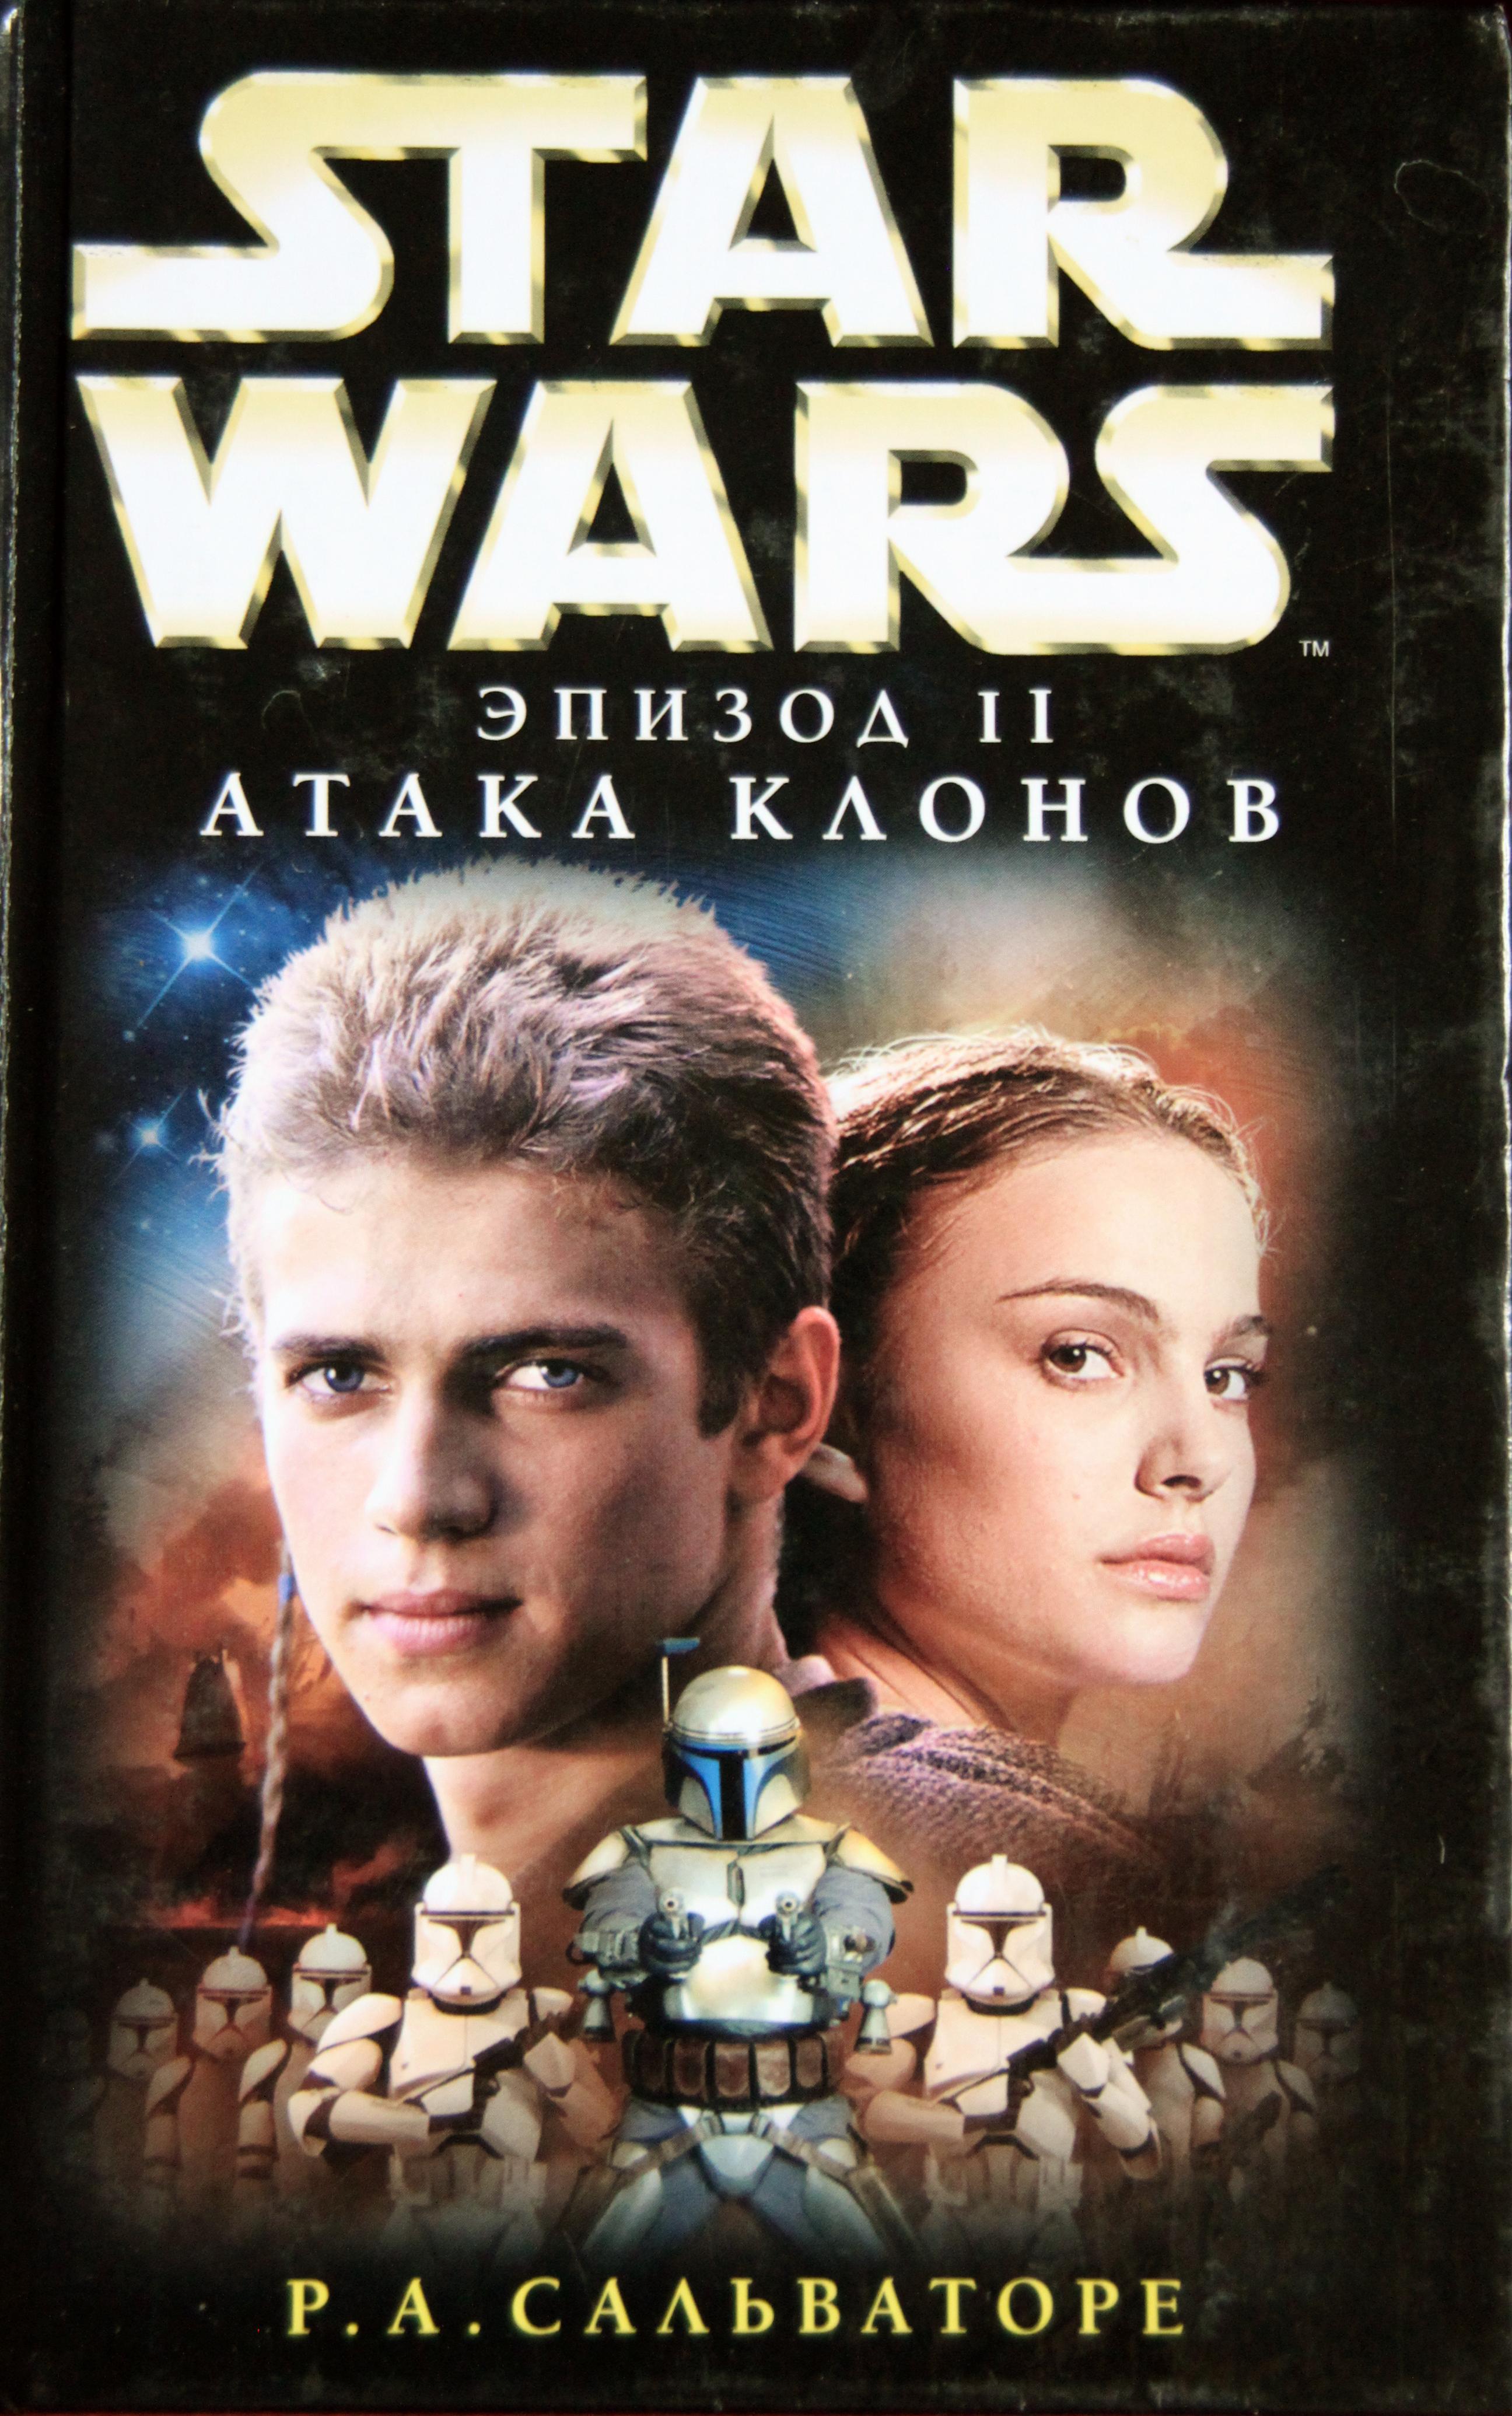 Звездные войны эпизод 5 книга скачать